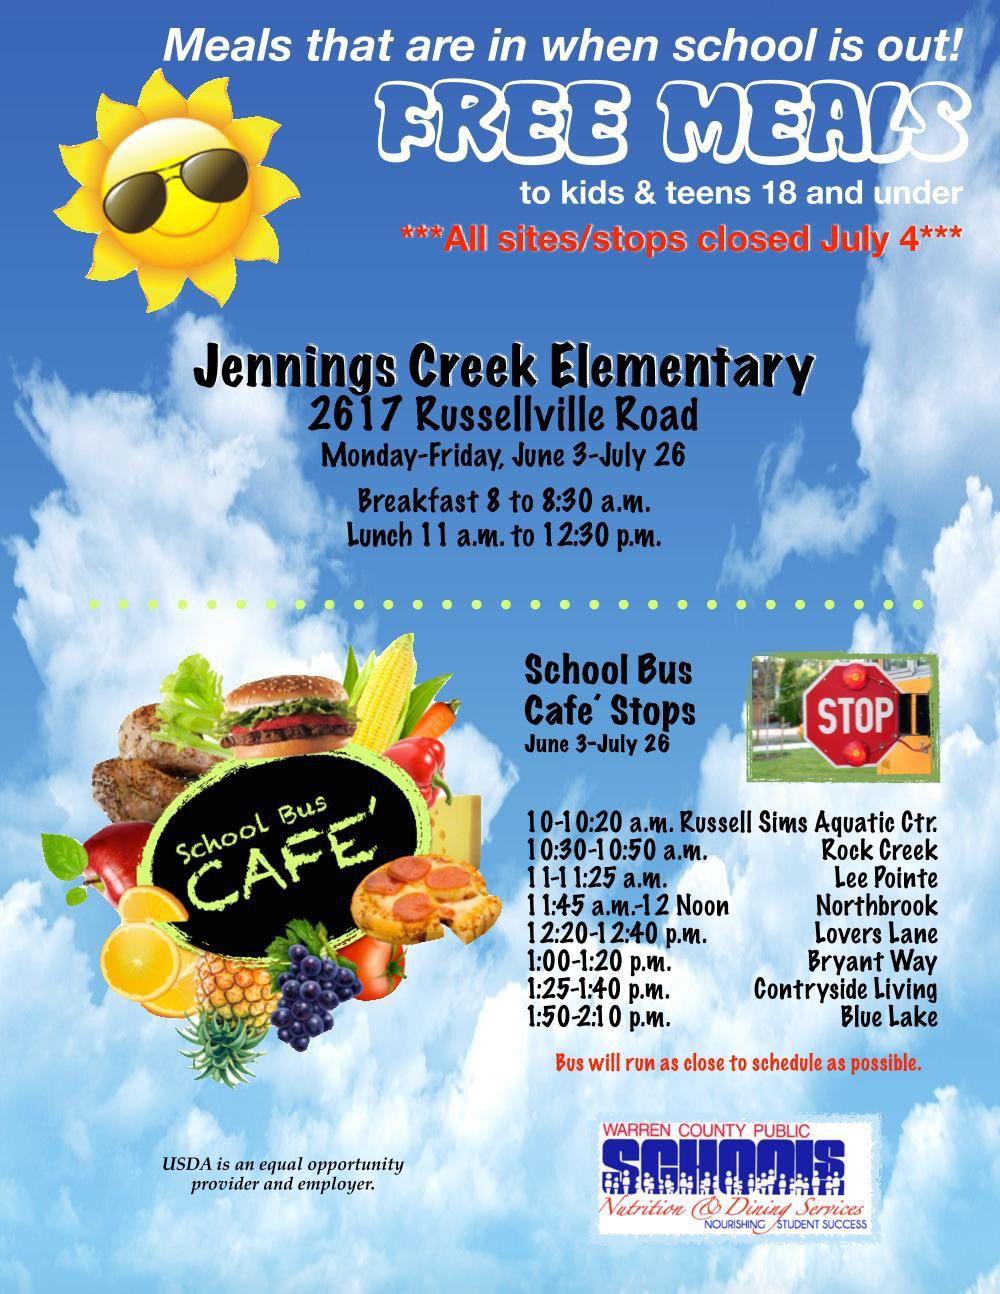 Warren County Public Schools Summer Food Service